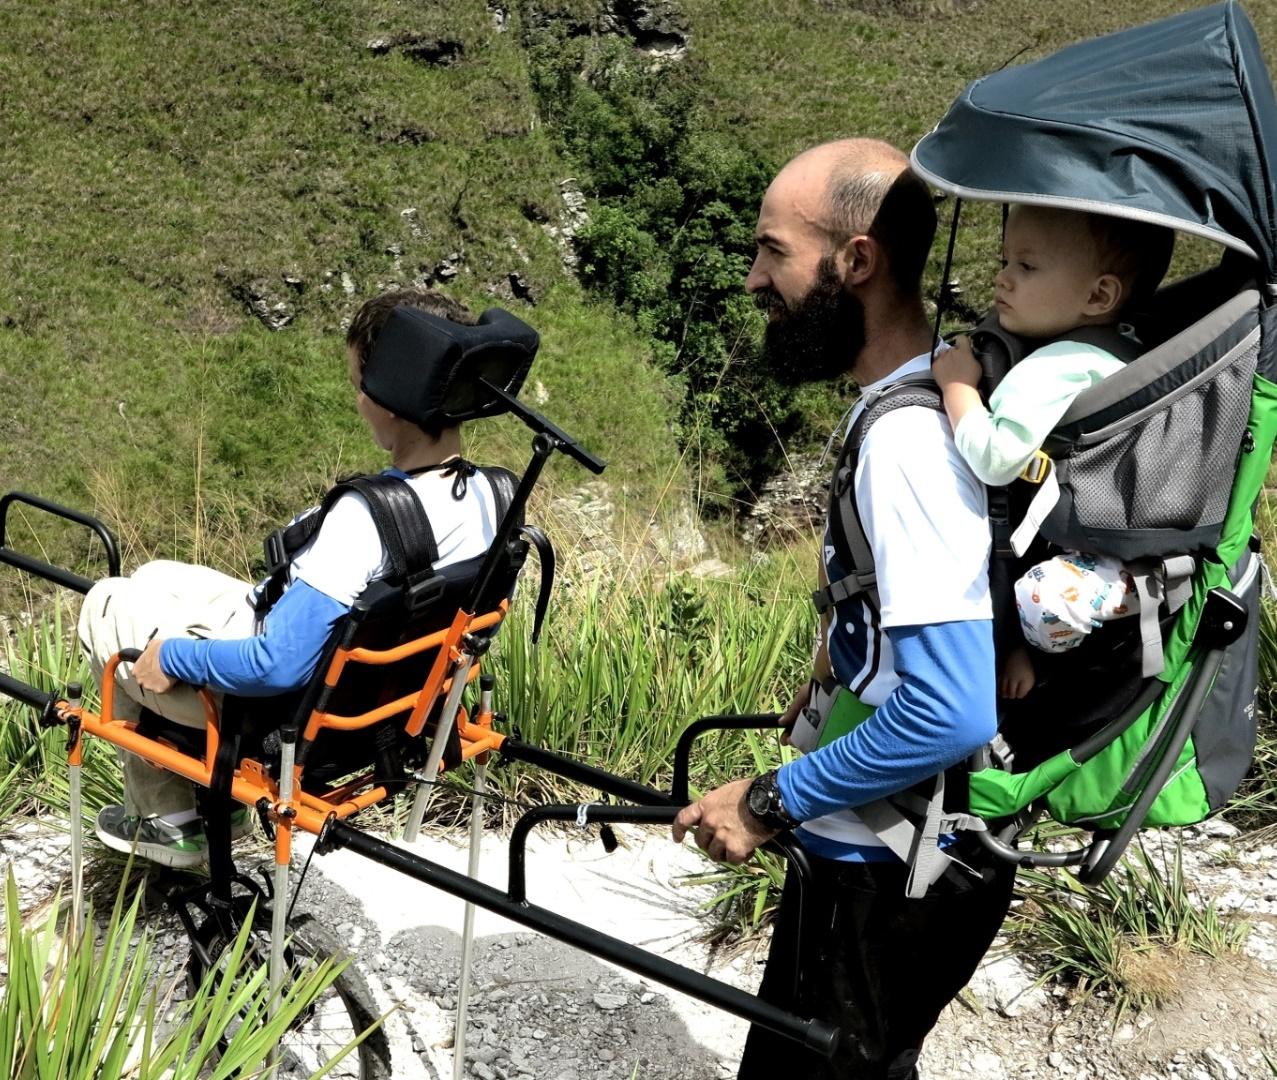 Na imagem, Juliana usa a cadeira adaptada com a ajuda de Guilherme, que carrega o filho Benjamin com a ajuda de um suporte nas costas.